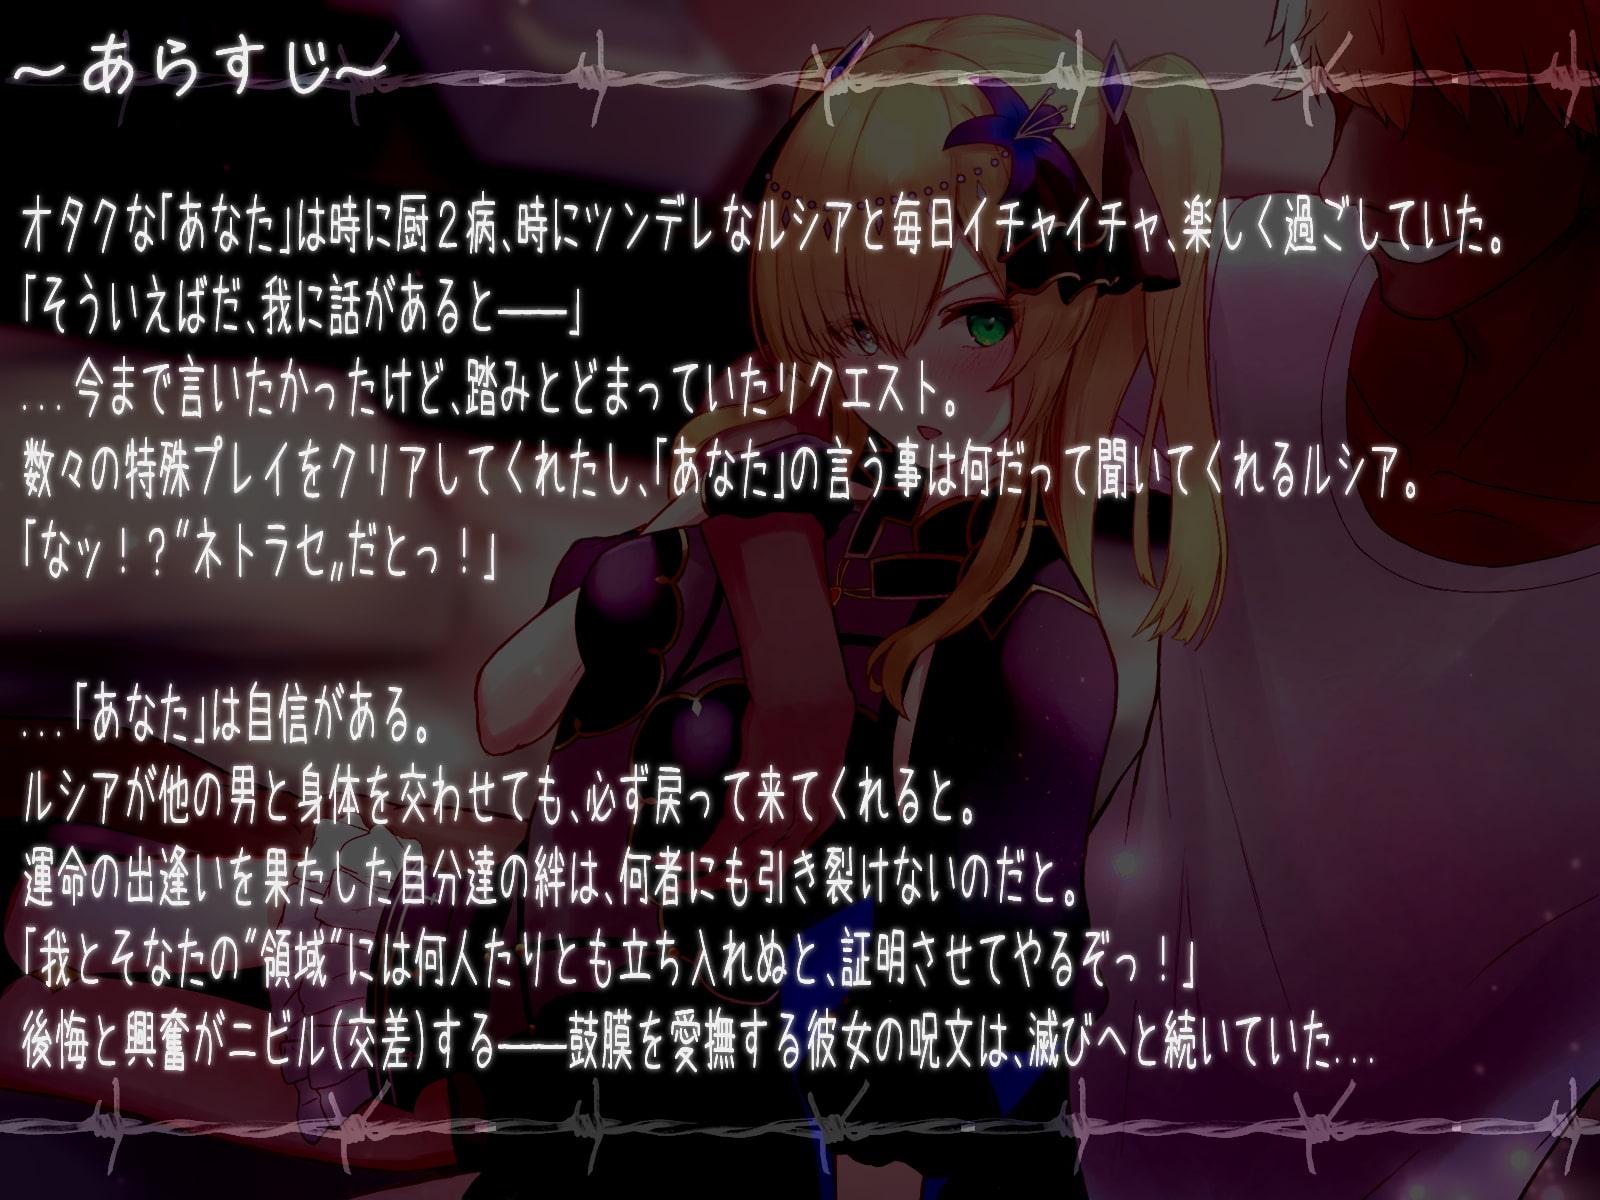 【ネトラセ】親愛度100%中二病彼女の寝取られ報告 [バイコーンの森]